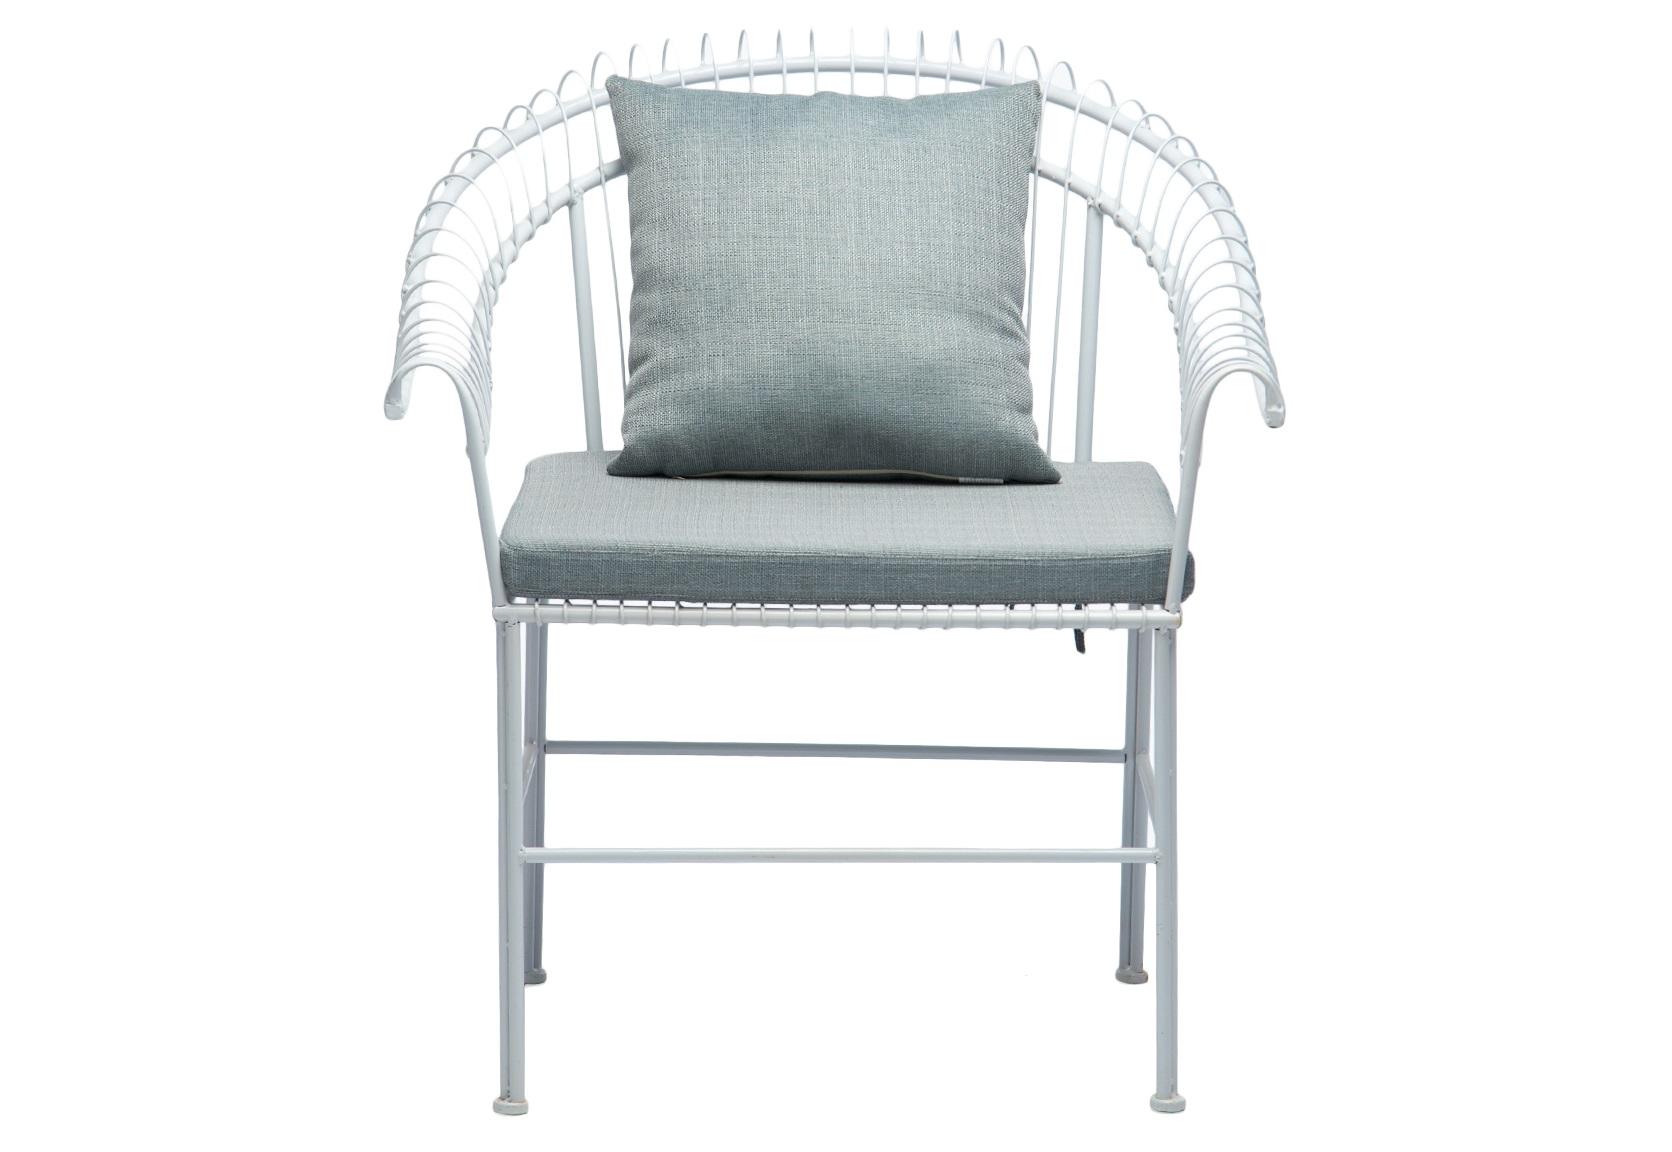 КреслоКресла для улицы<br>Кресло из кованого металла с мягким сиденьем и подушкой.<br><br>Material: Металл<br>Width см: 79<br>Depth см: 67<br>Height см: 89